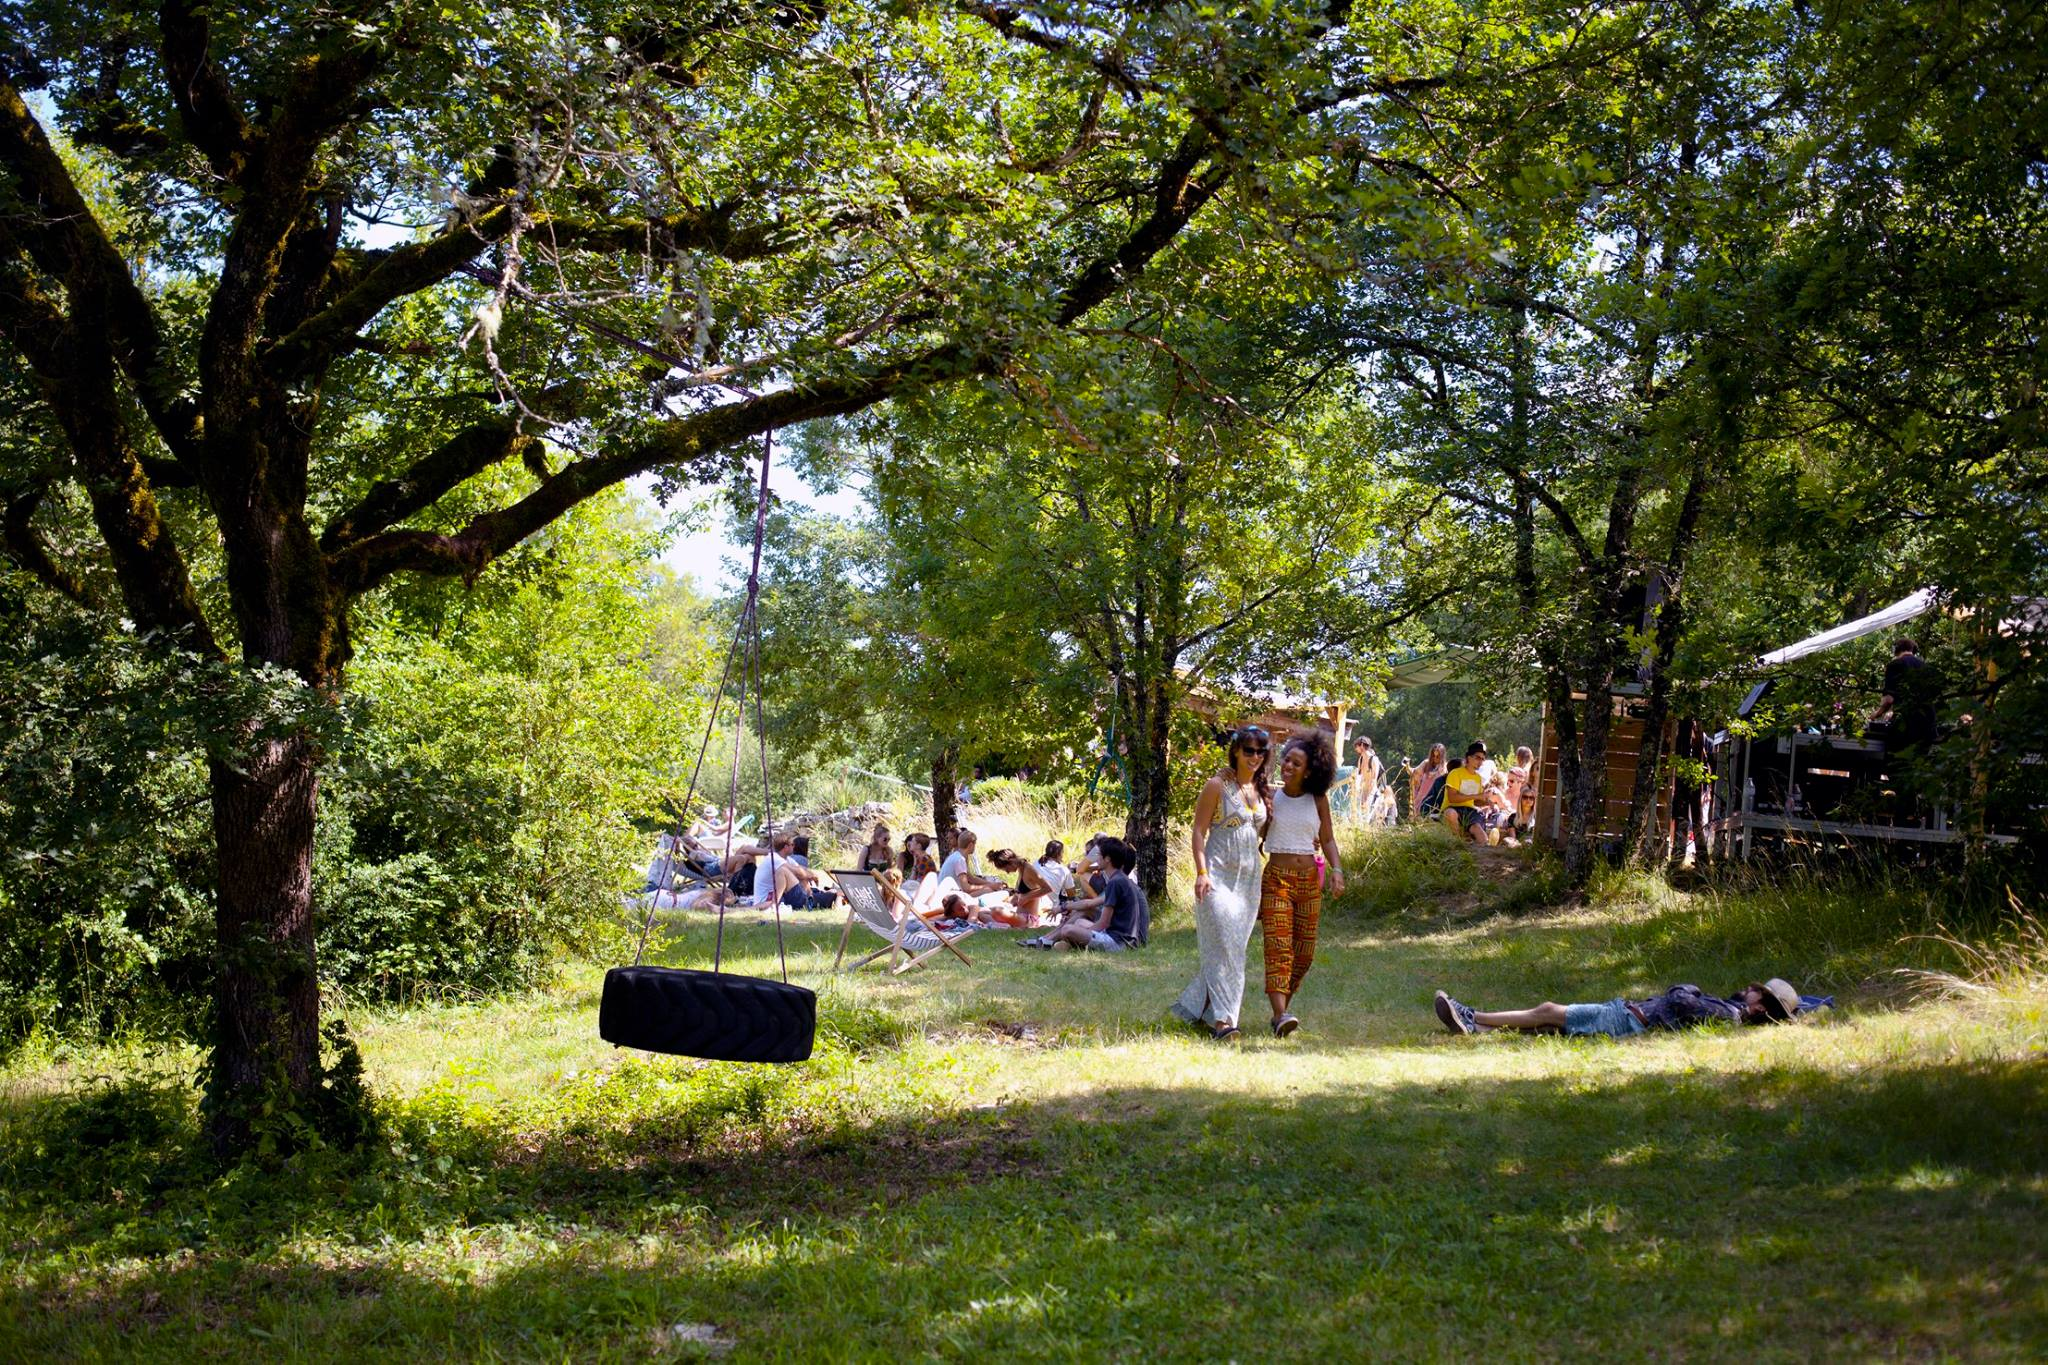 Monticule-festival-2017